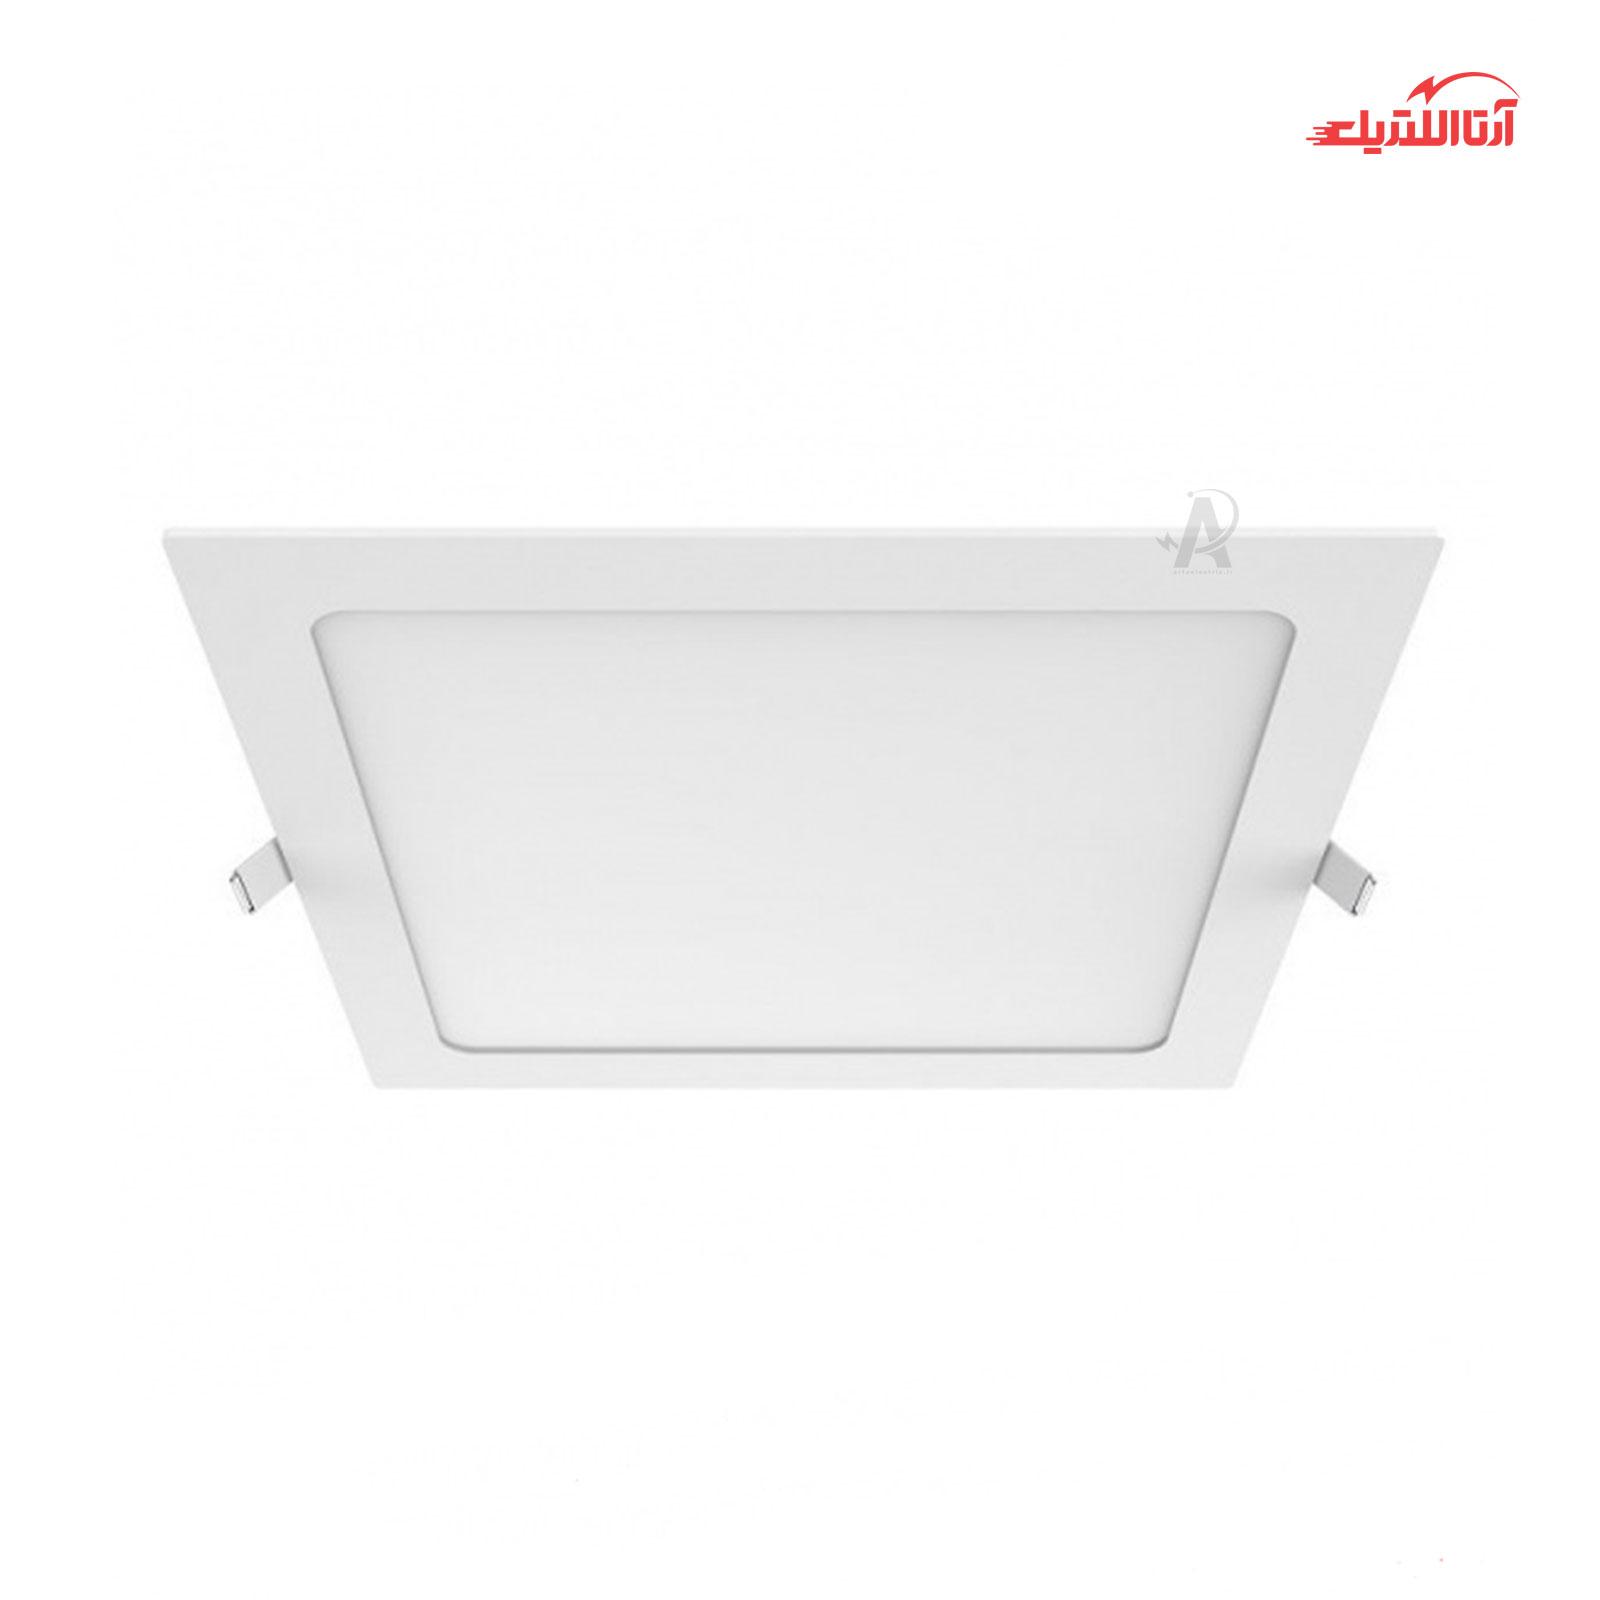 پنل سقفی 24 وات مربع فنر تا فنر 28×28 توکار SMD LED یکتا افروز